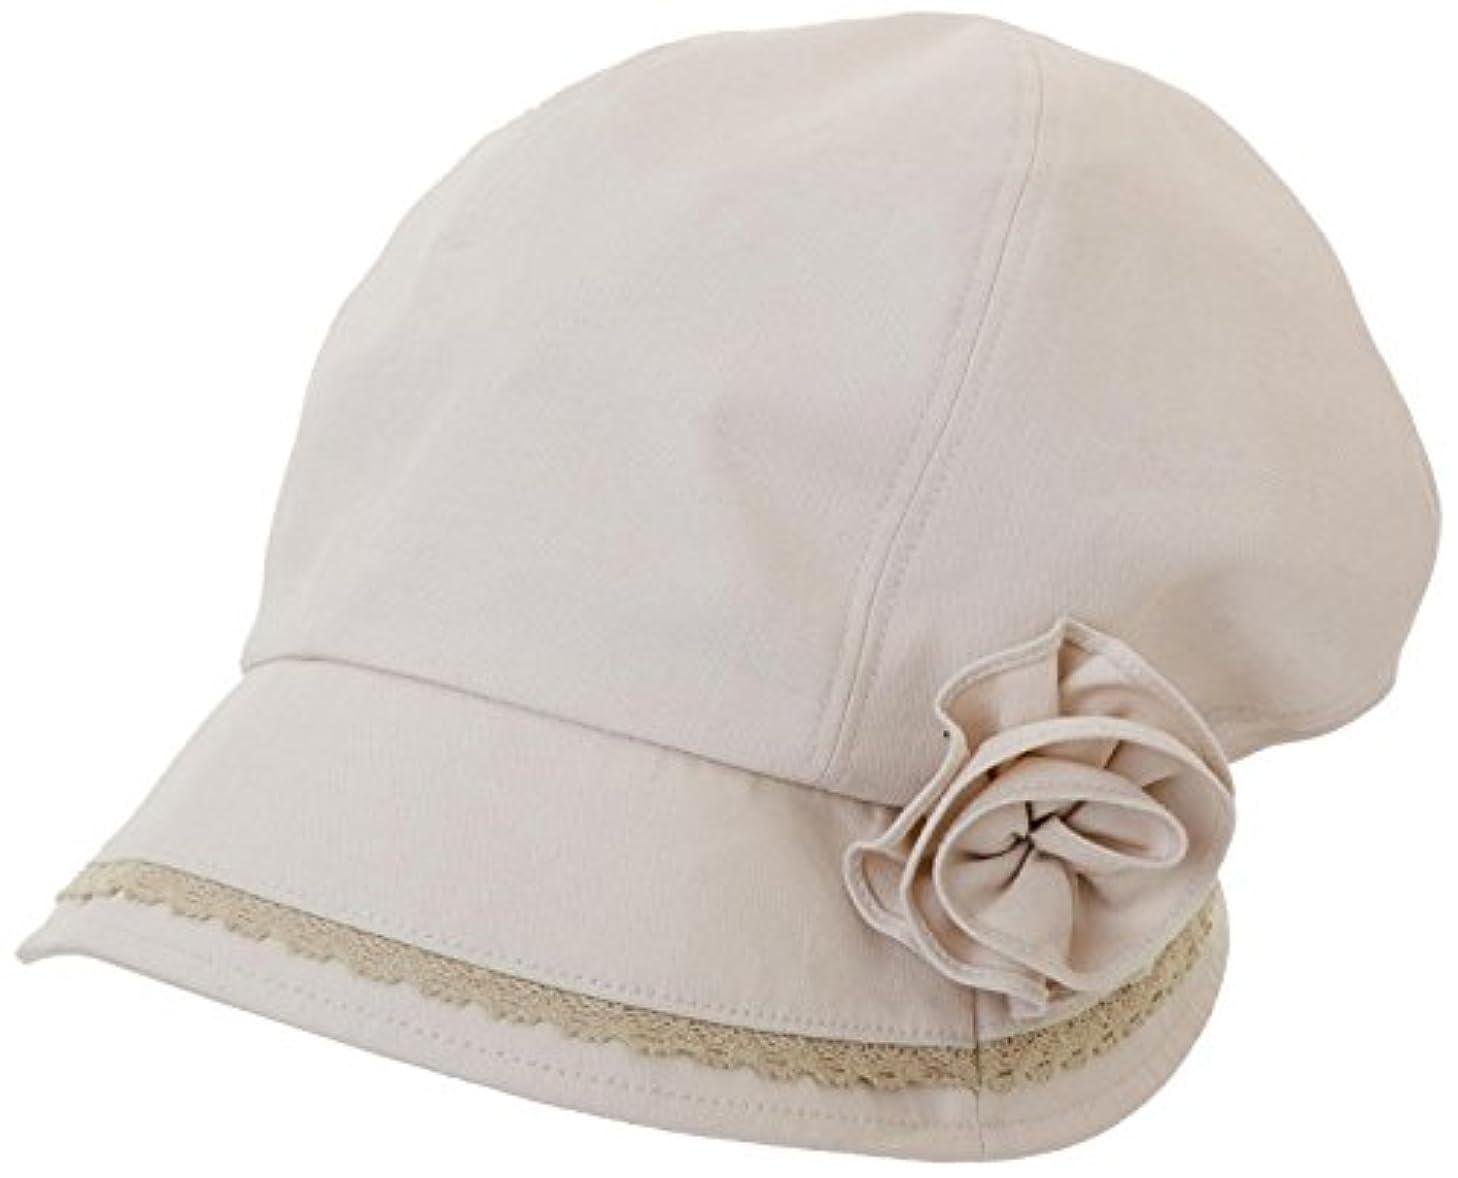 約束する赤道フィットUVふんわり小顔帽子 ベージュ